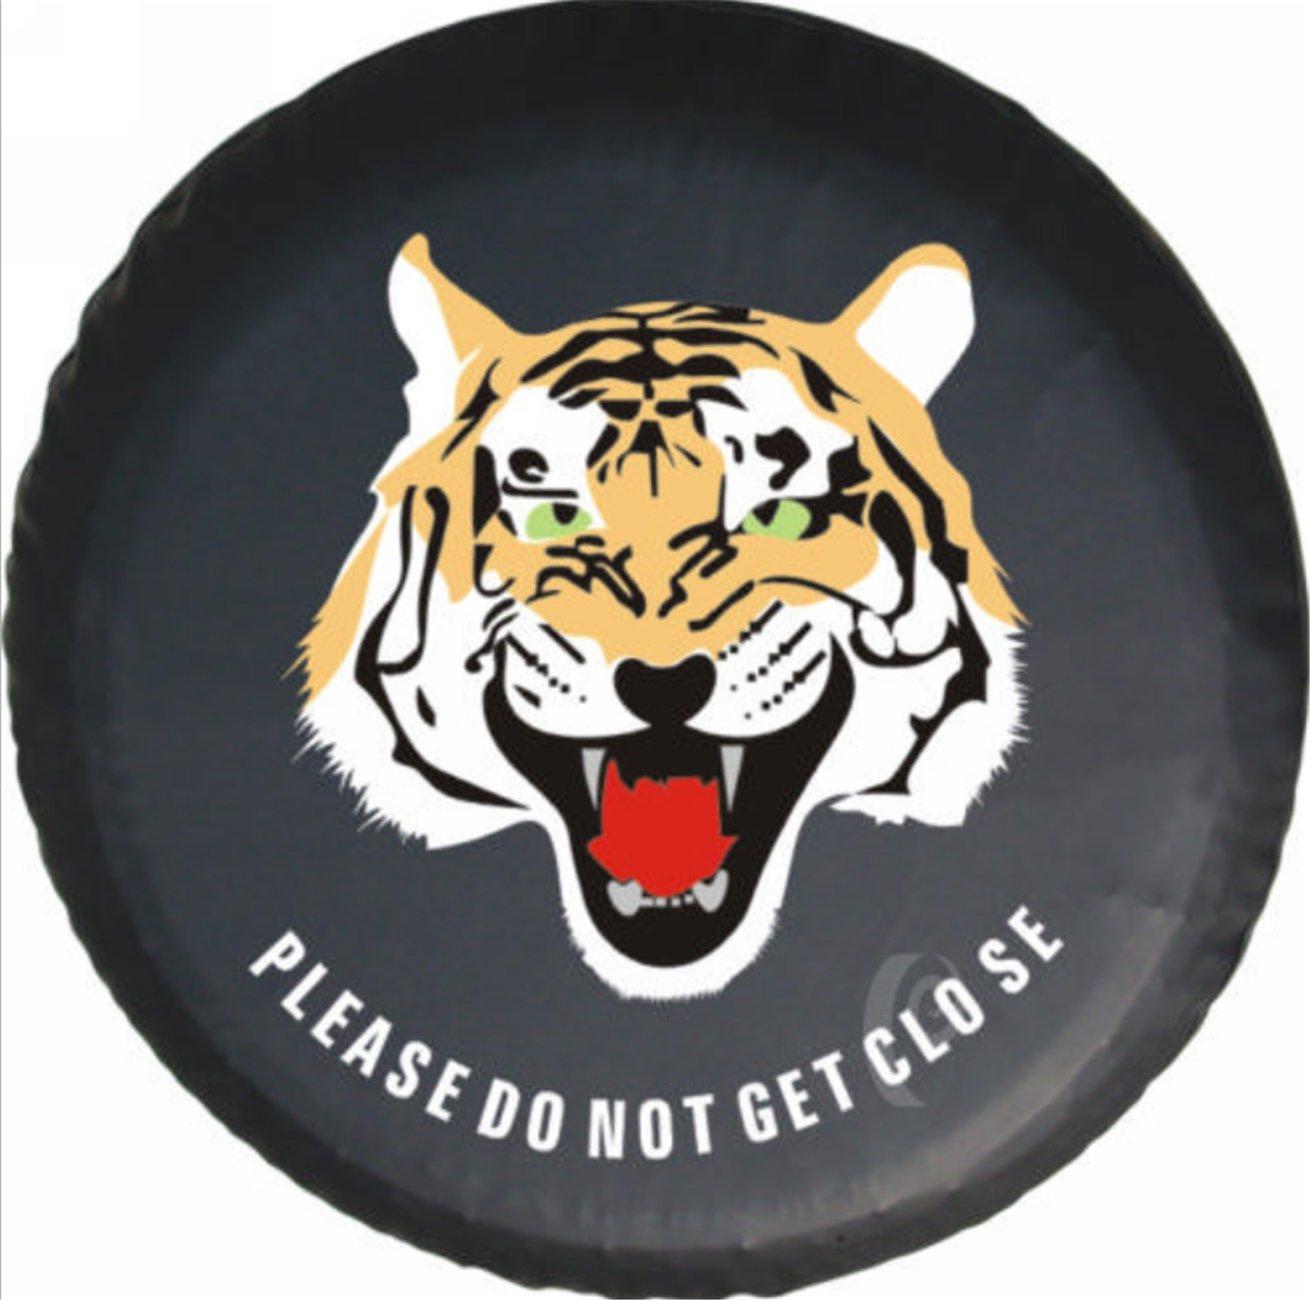 Housse de pneus Housses de Roue de Secours Tiger Animal PU Cuir Protecteur (diamè tre de 77cm) Dent-de-lion